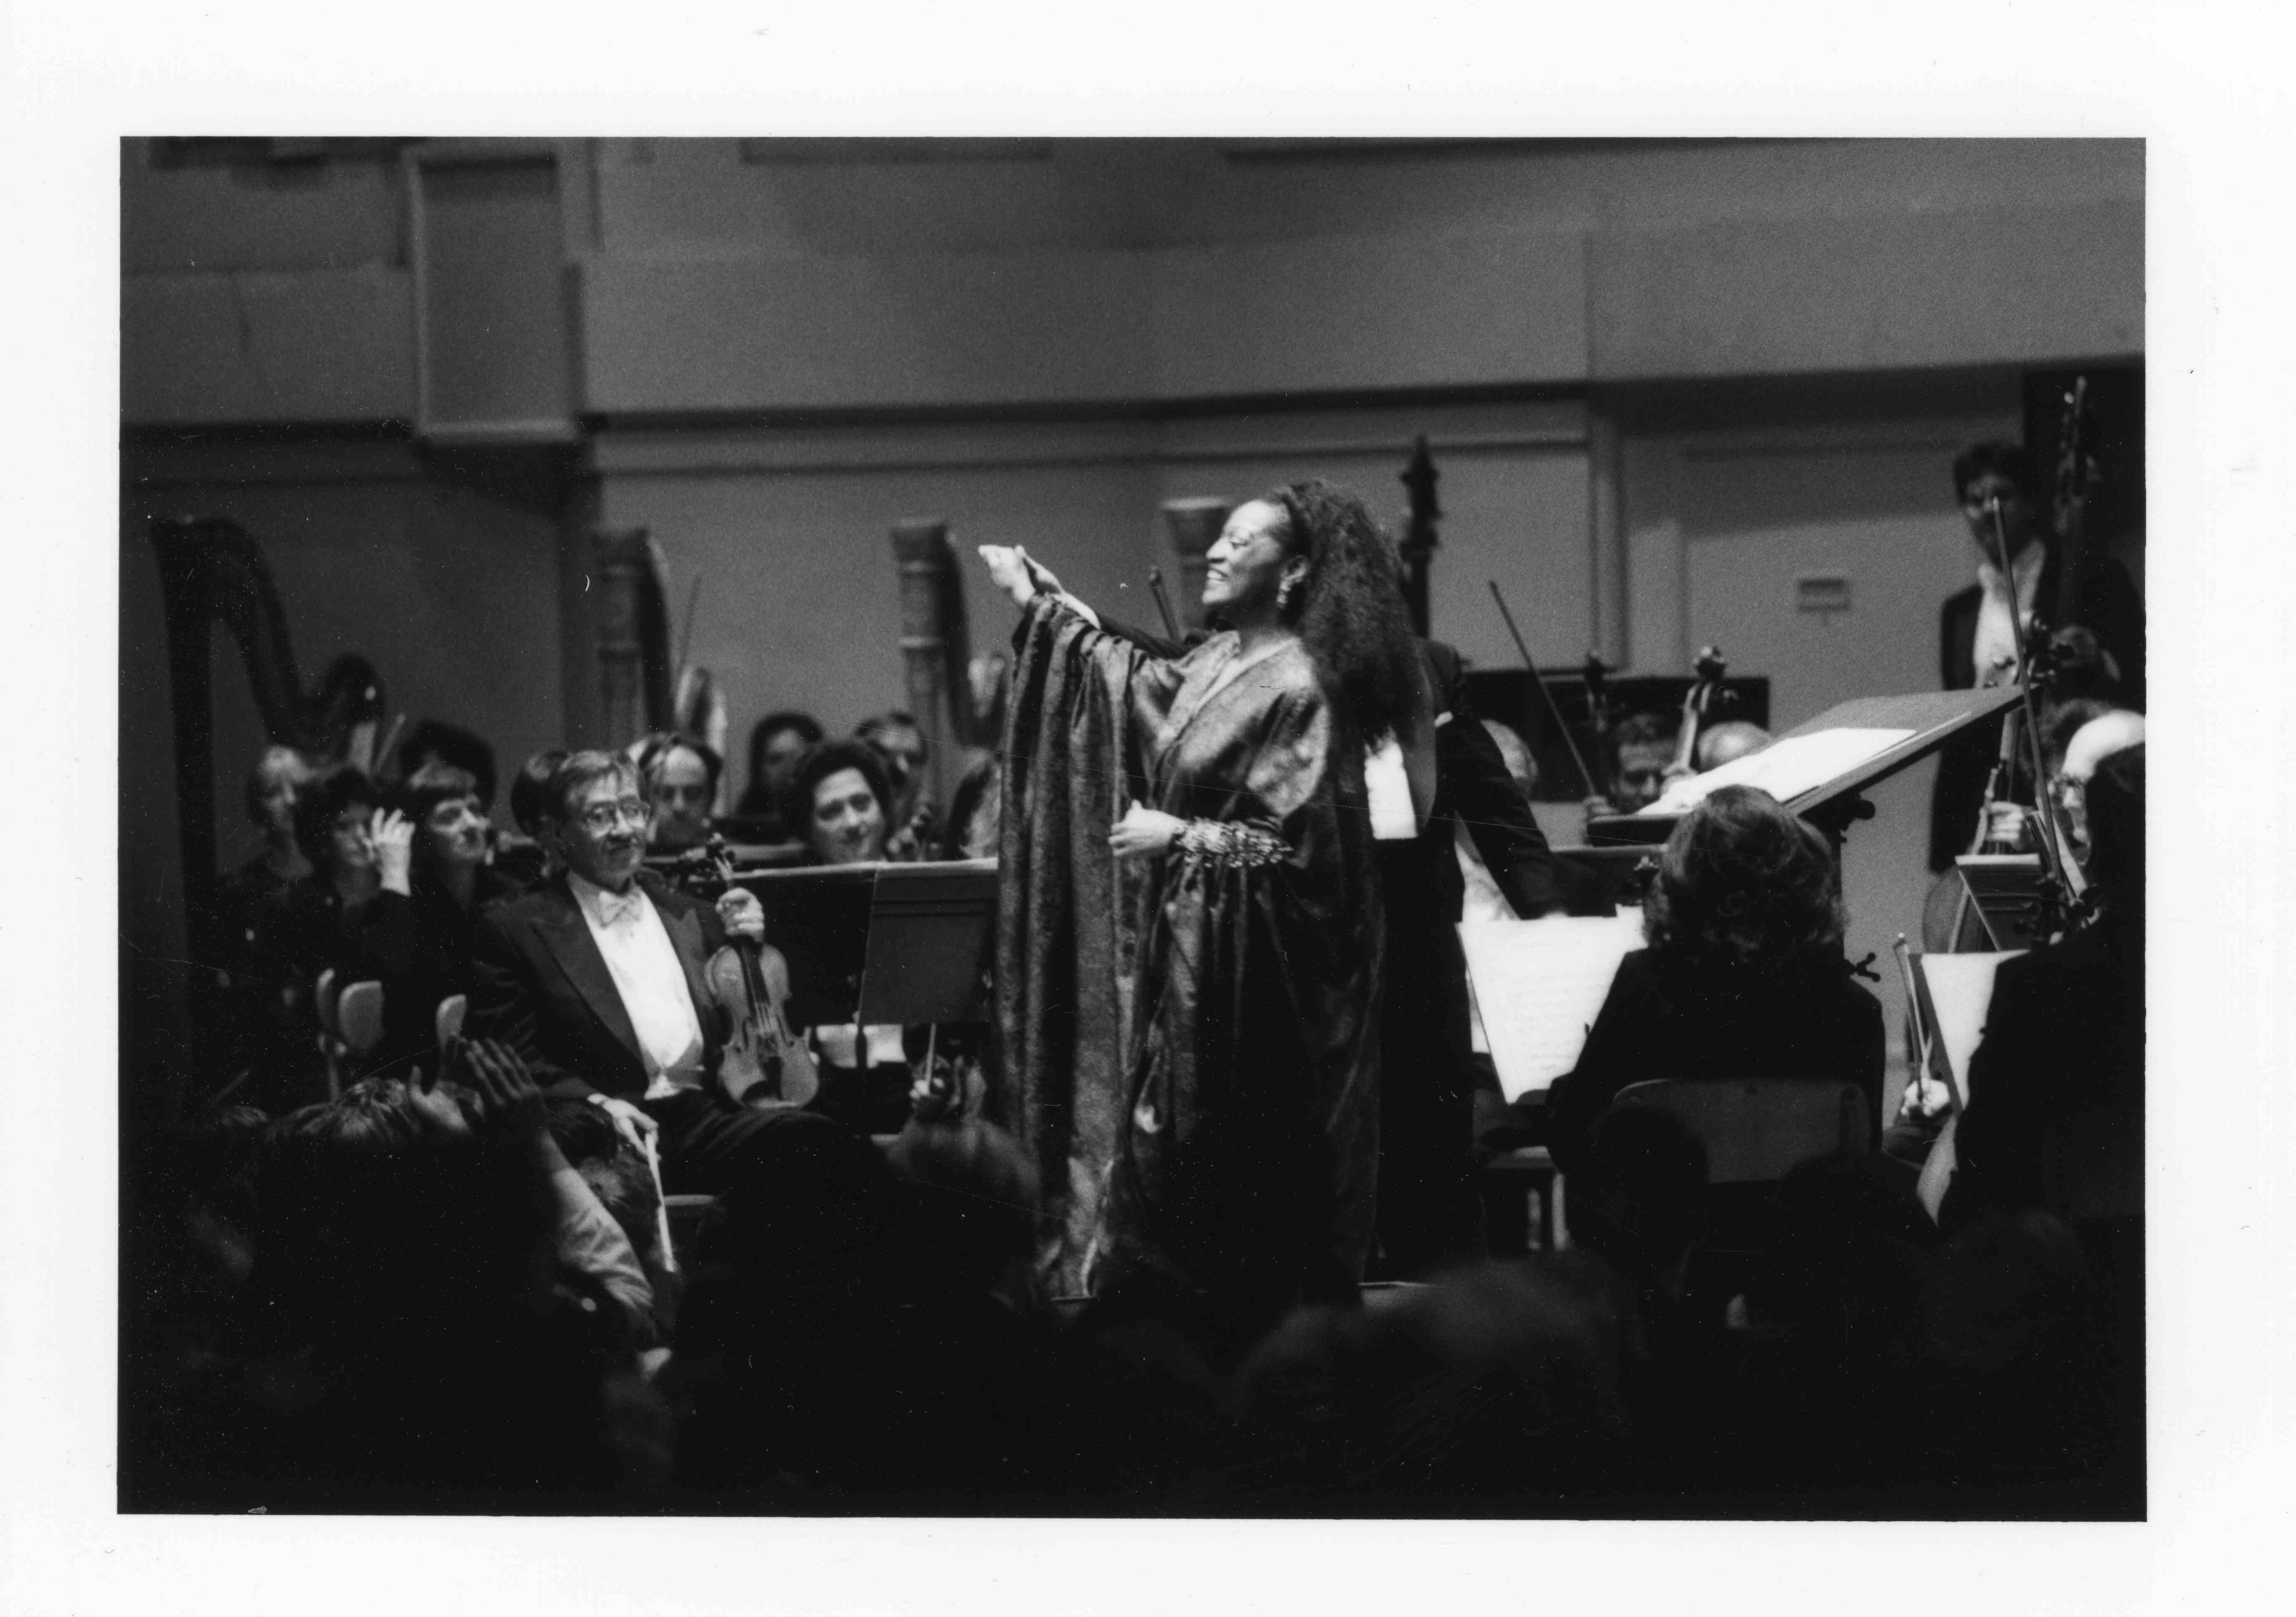 Jessye Norman, Metropolitan Opera Orchestra, April 30, 1991